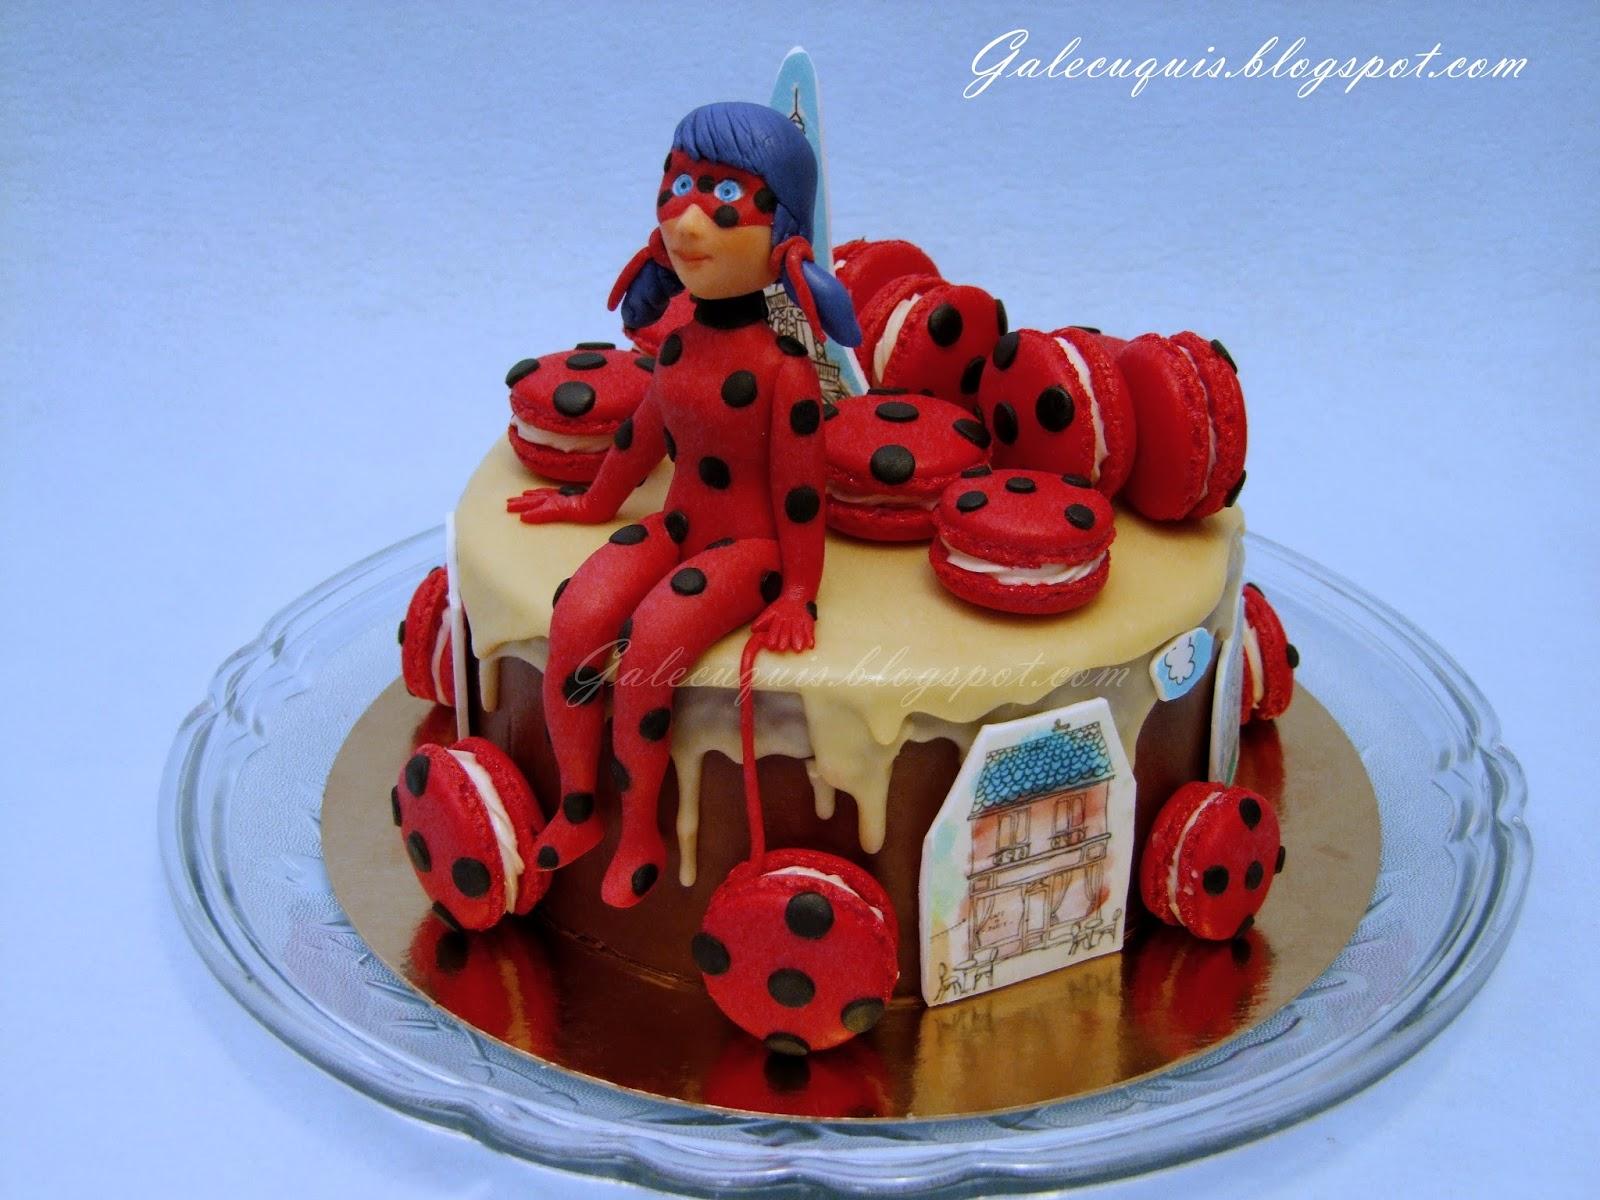 Ladybug Cakes By Rosesbak Cvom